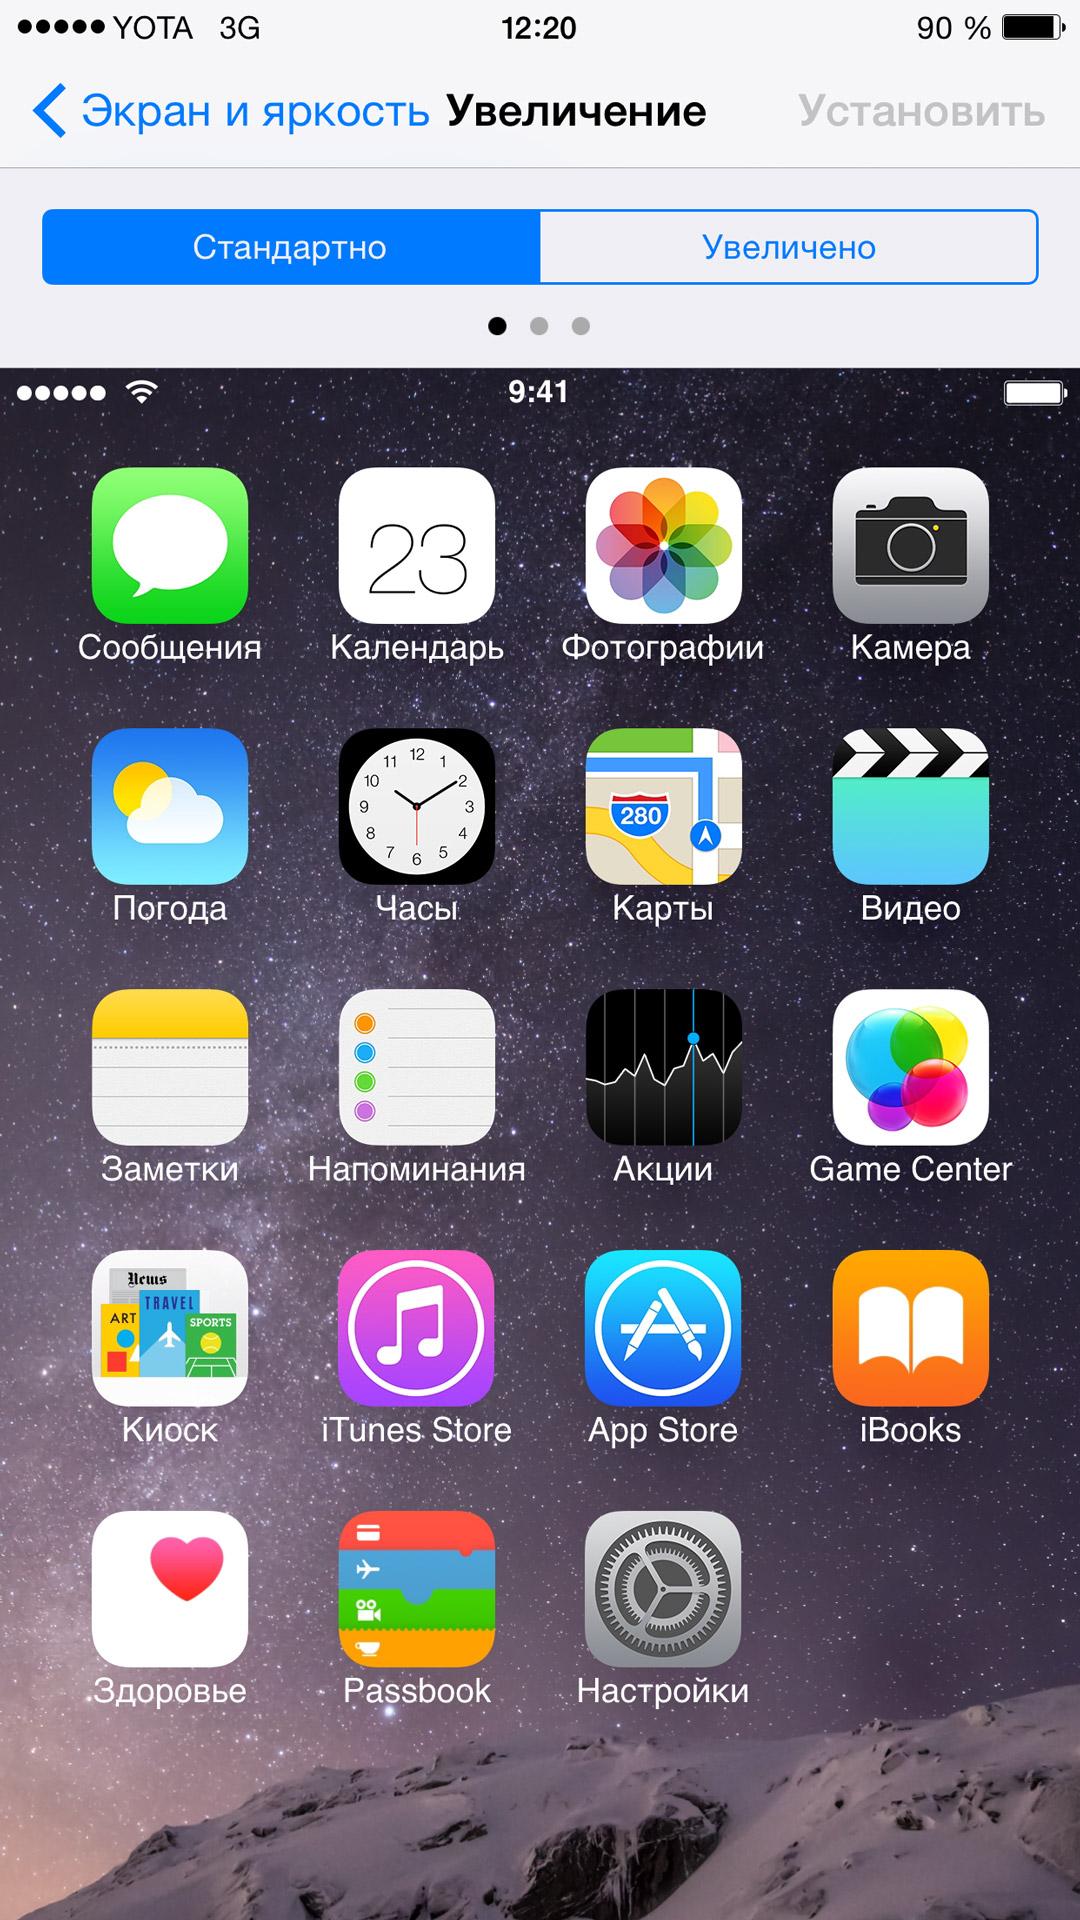 Как сделать звонящего на весь экран iphone 4s